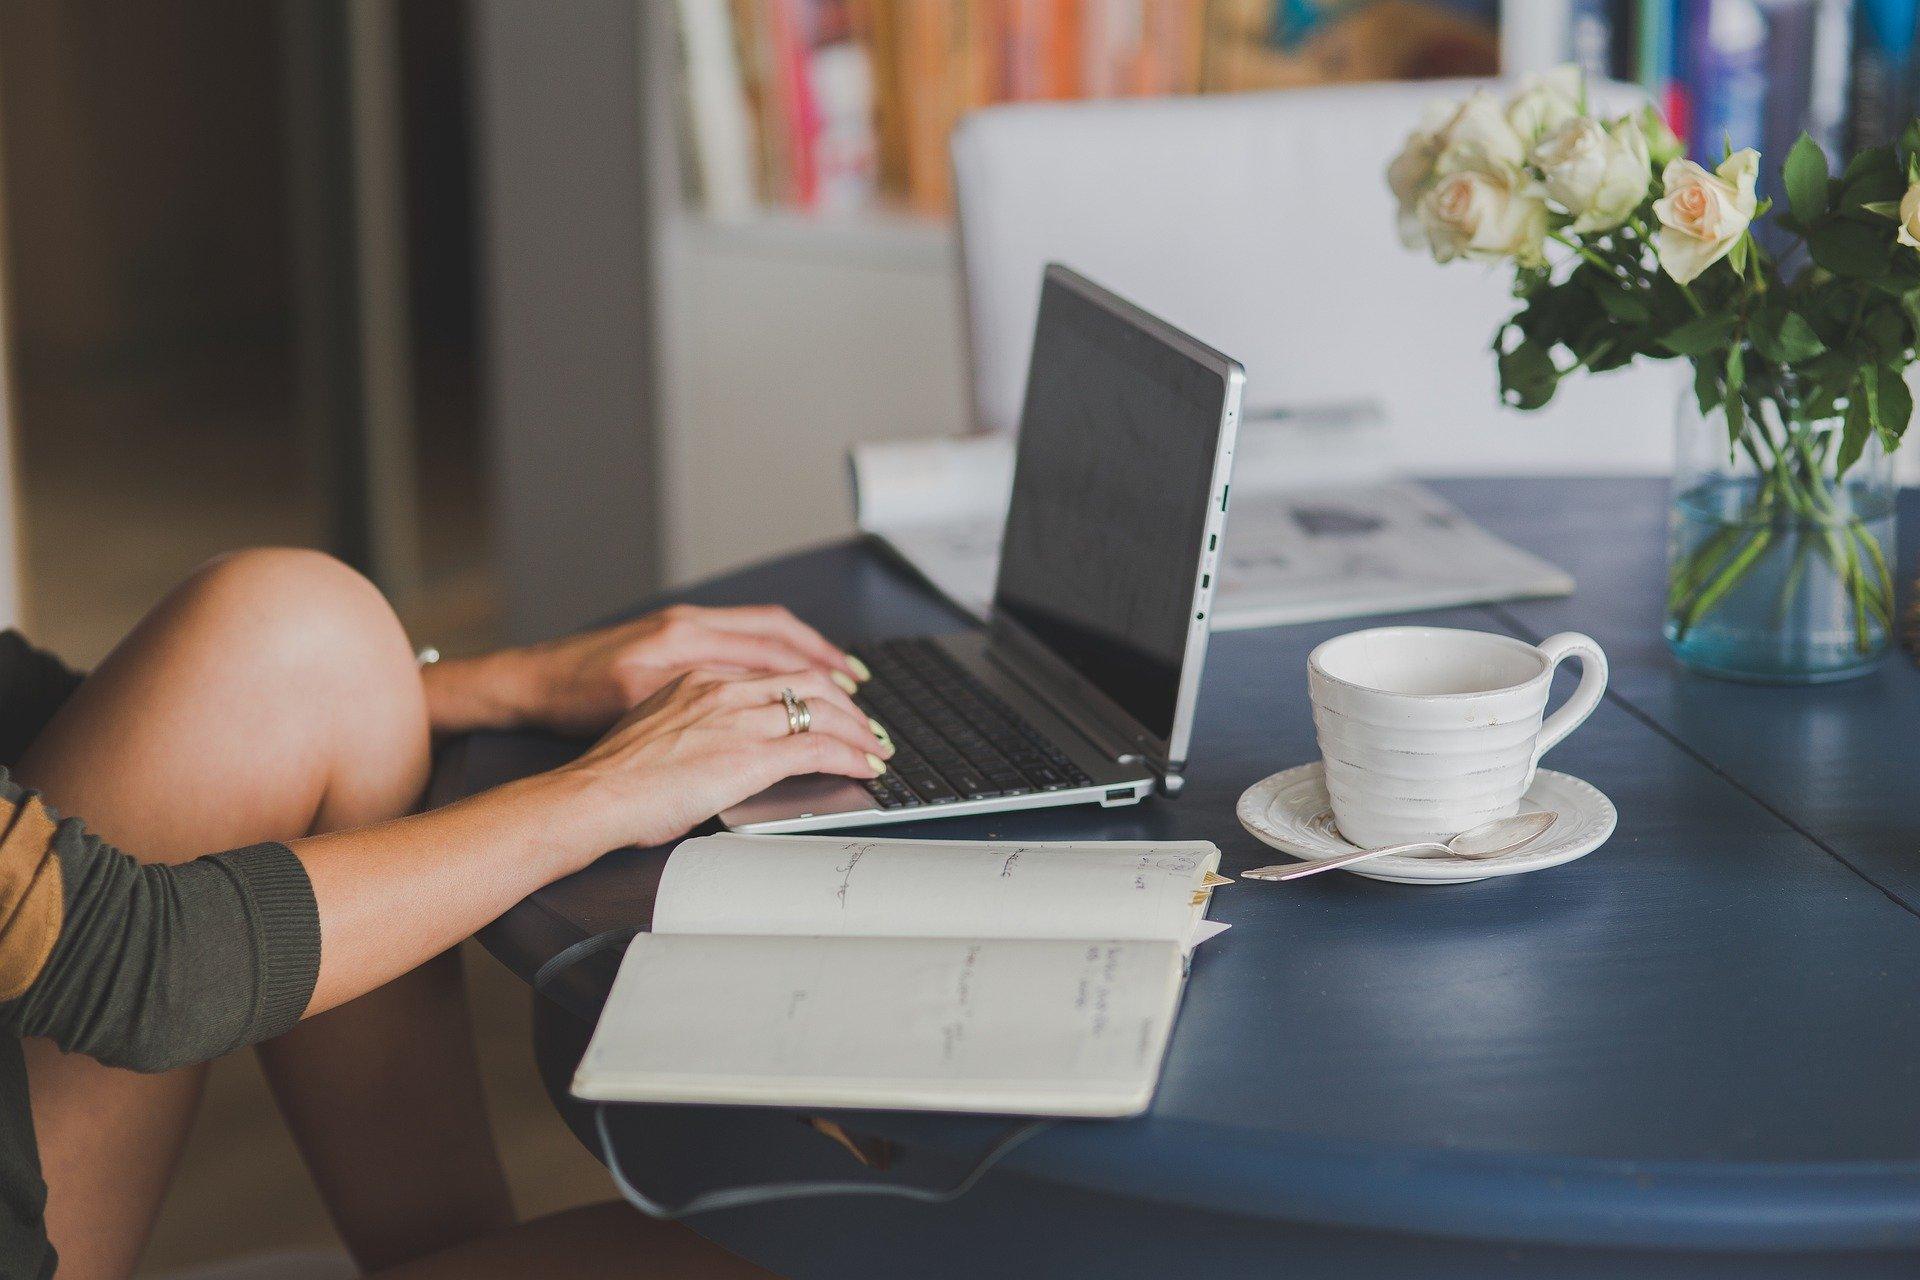 Sono un freelance ma non riesco a trovare clienti: le cause più probabili